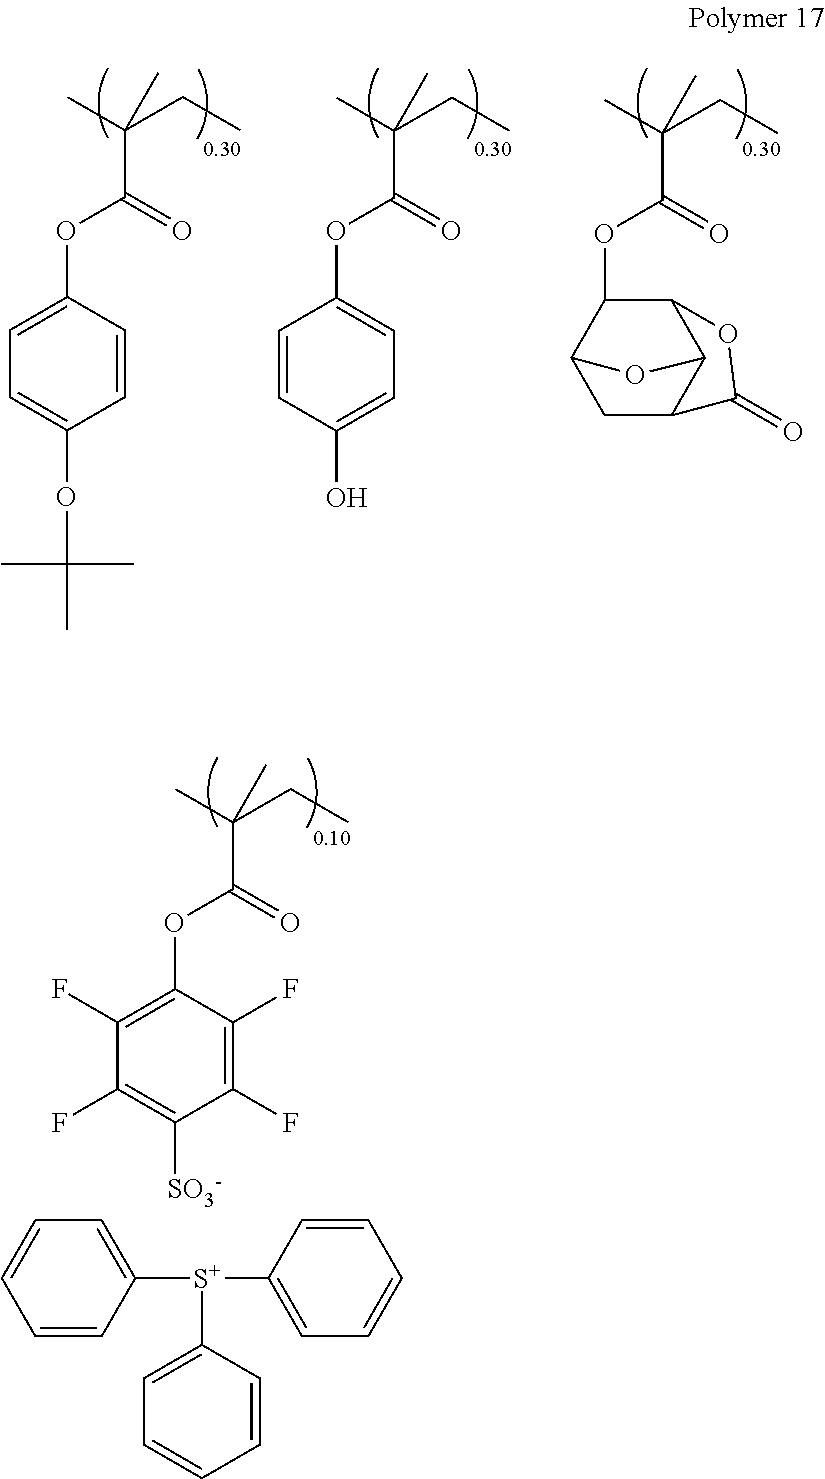 Figure US20110294070A1-20111201-C00088